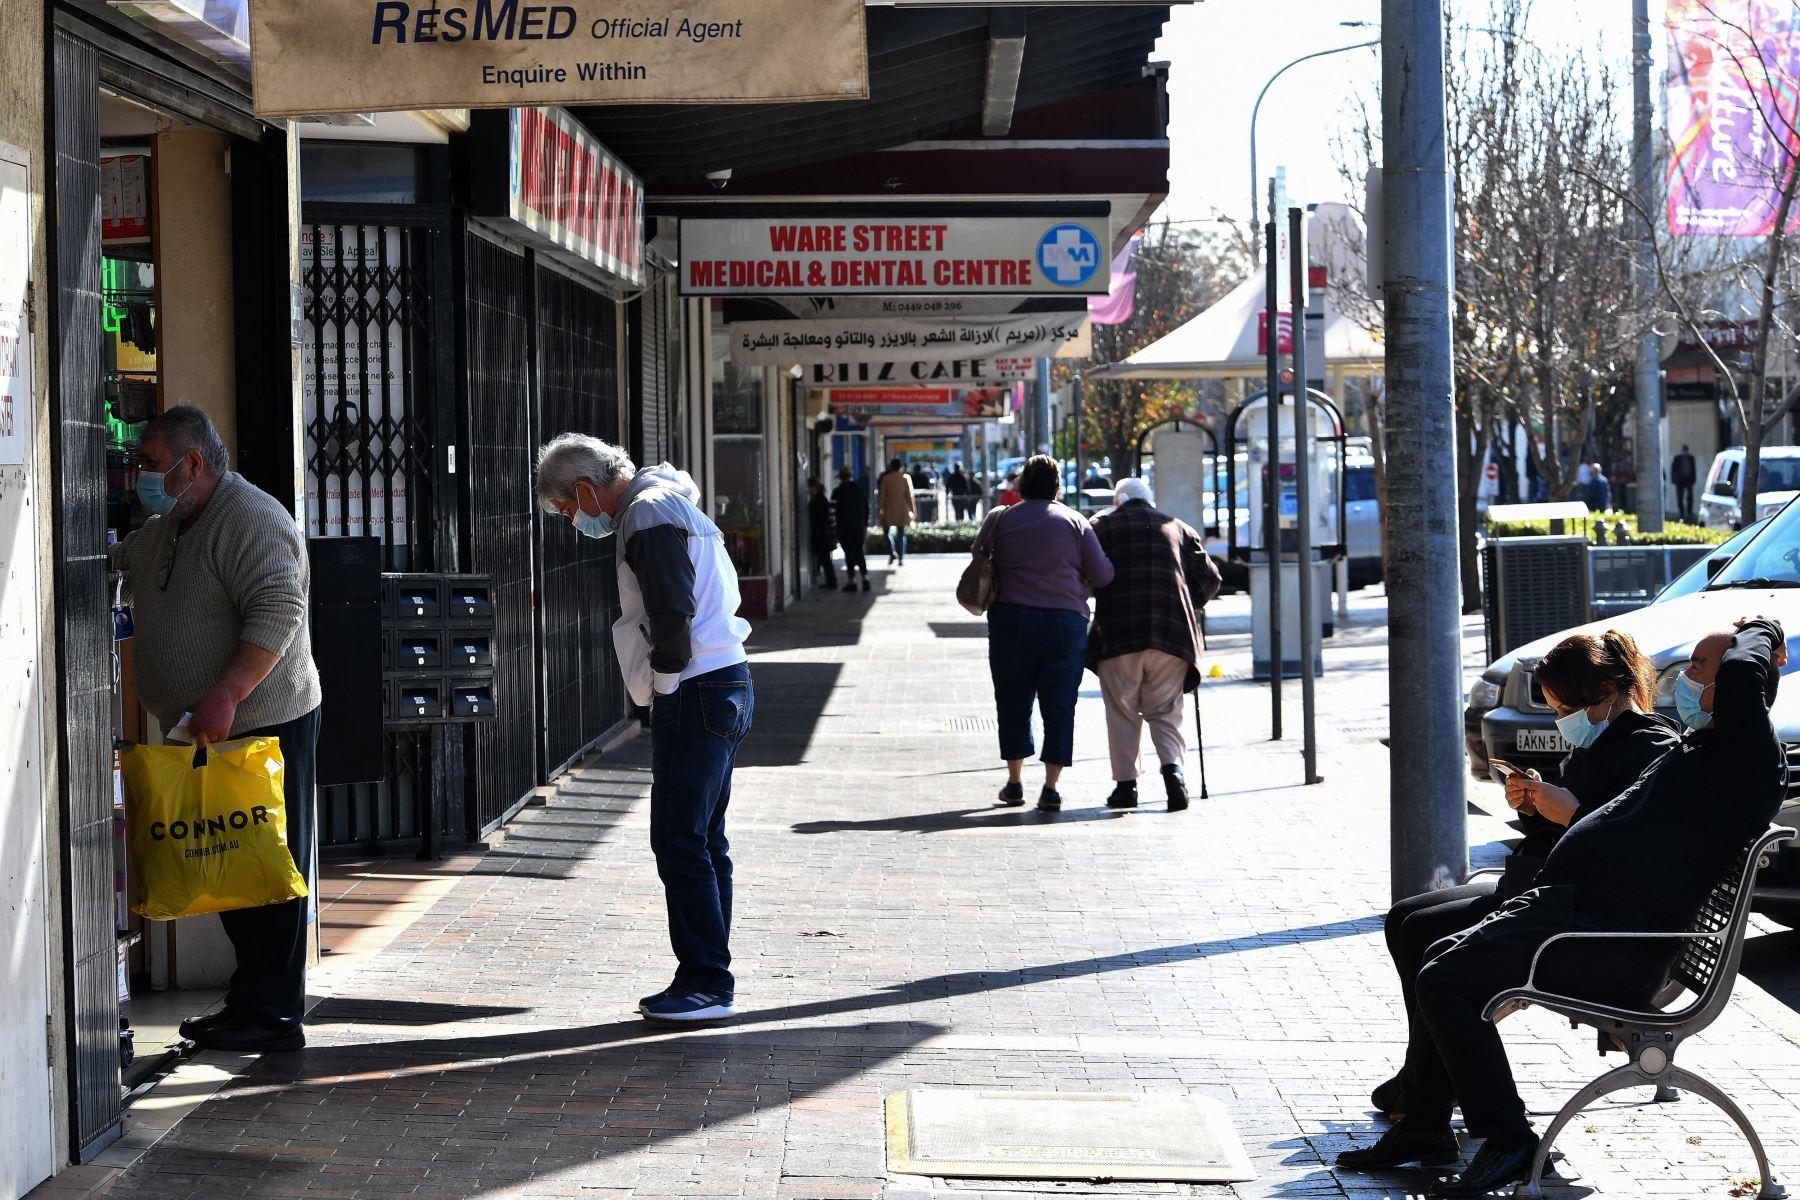 Los residentes visitan una farmacia en el suburbio de Fairfield en Sydney, durante el bloqueo prolongado del coronavirus Covid-19 de la ciudad. Foto:  AFP